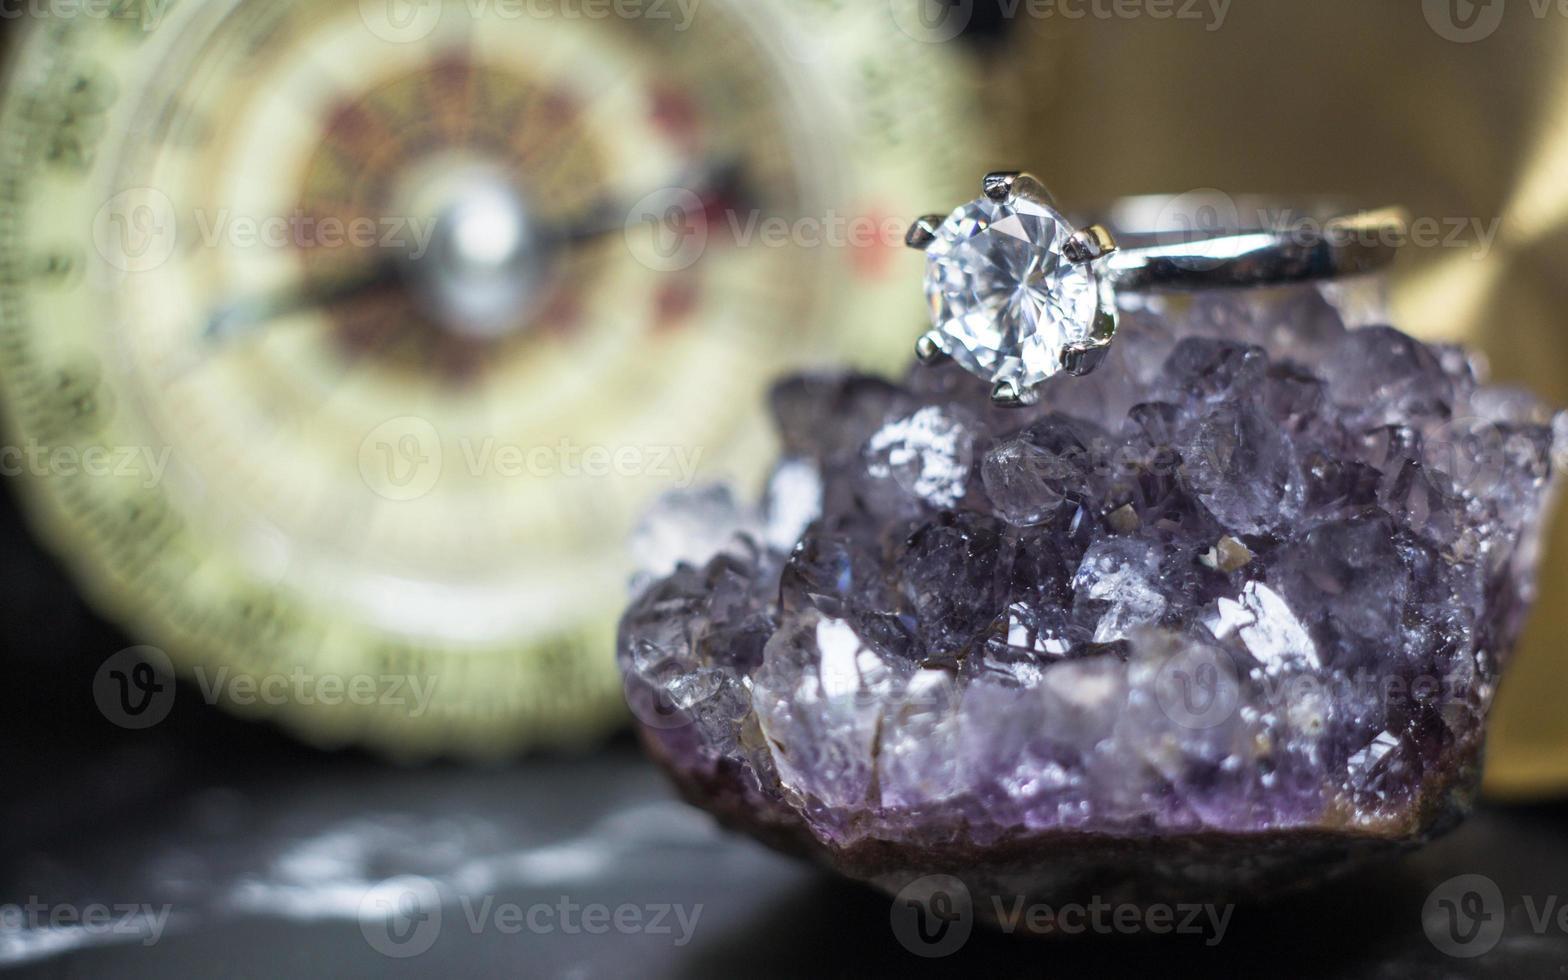 cerca del anillo de diamantes de compromiso. concepto de amor y boda foto